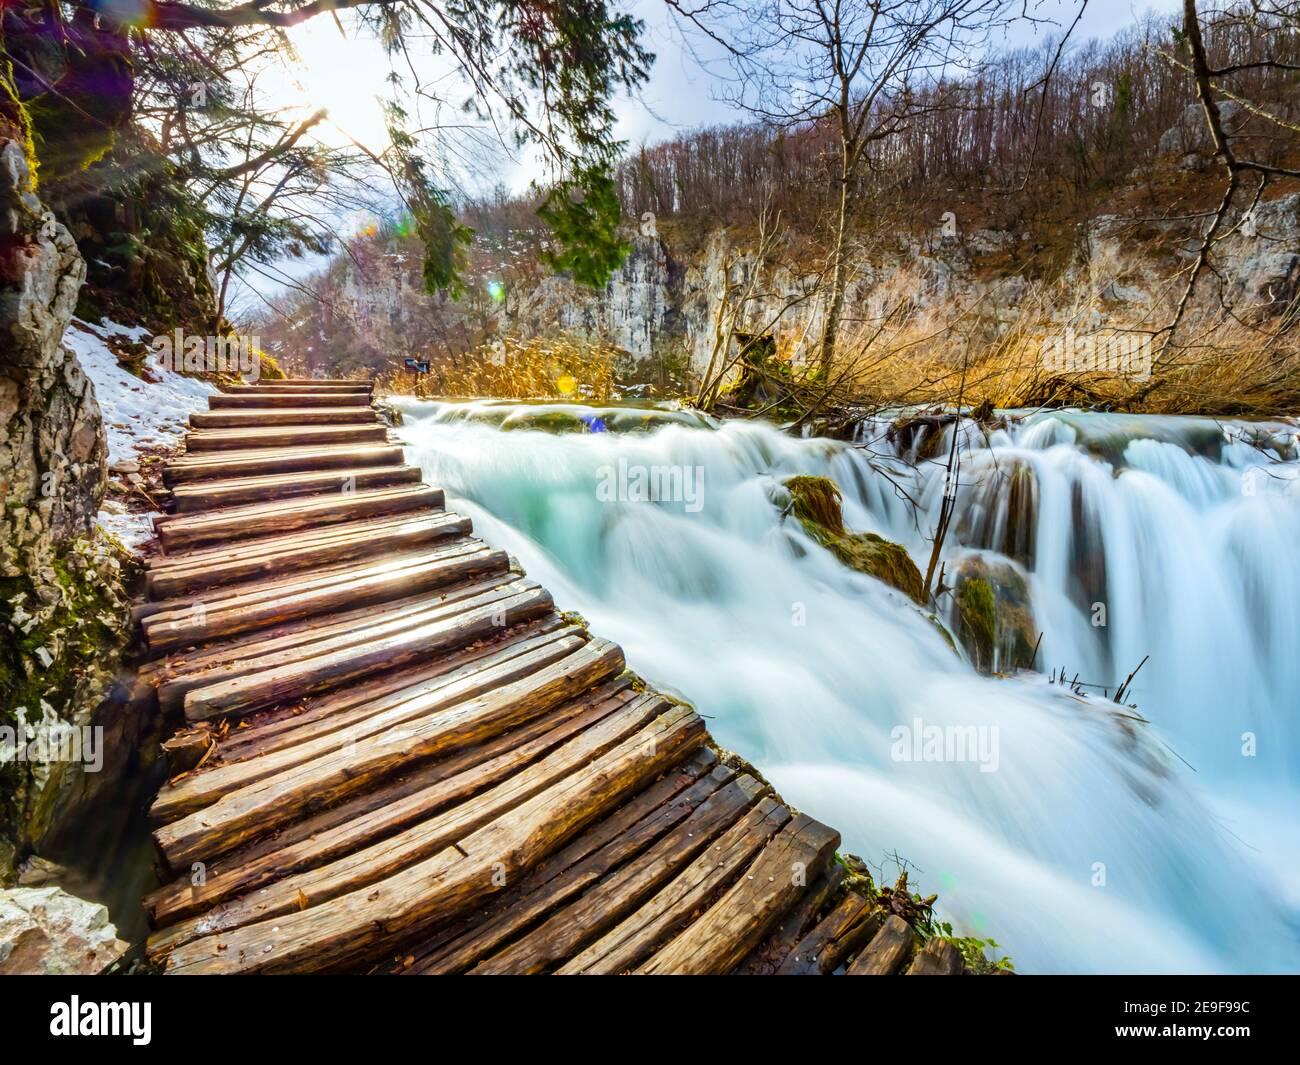 Como puente foodbridge camino de madera camino paseo camino justo por encima Río de agua fluyendo en el Parque Nacional Lagos de Plitvice Croacia Europa Foto de stock